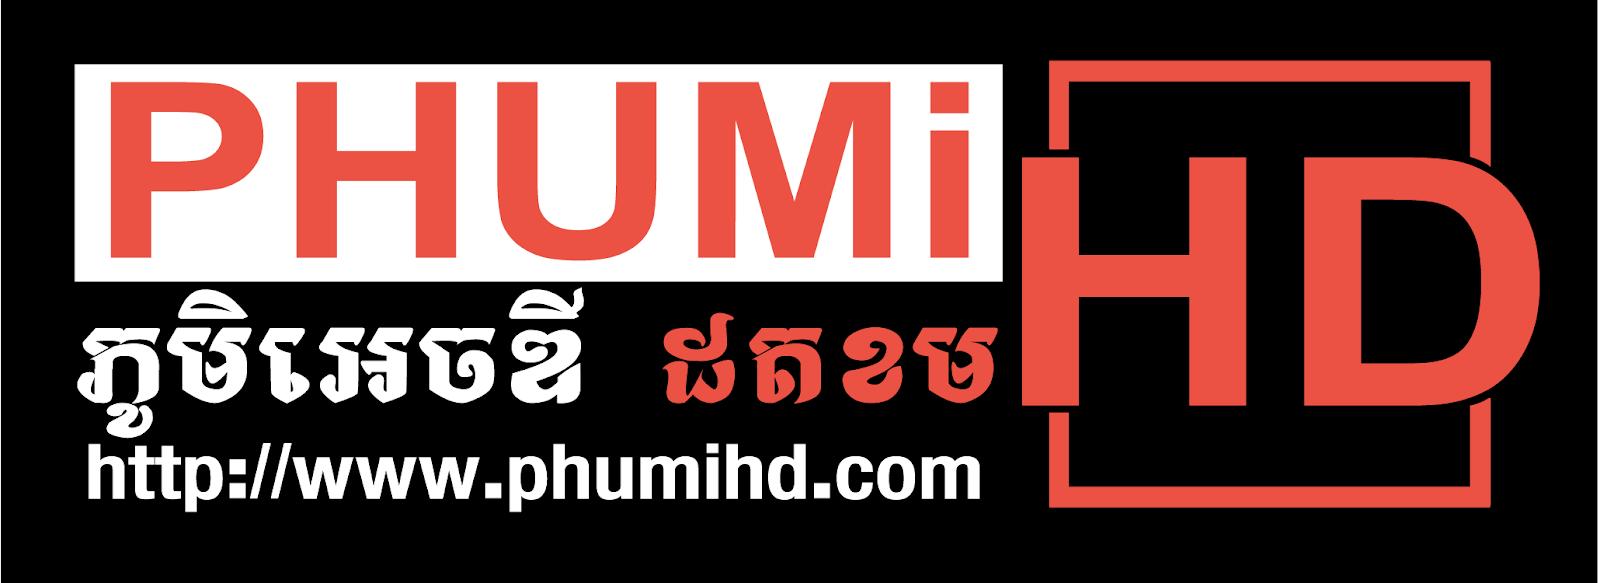 Phumi HD - ភូមិអ៊ិចឌី